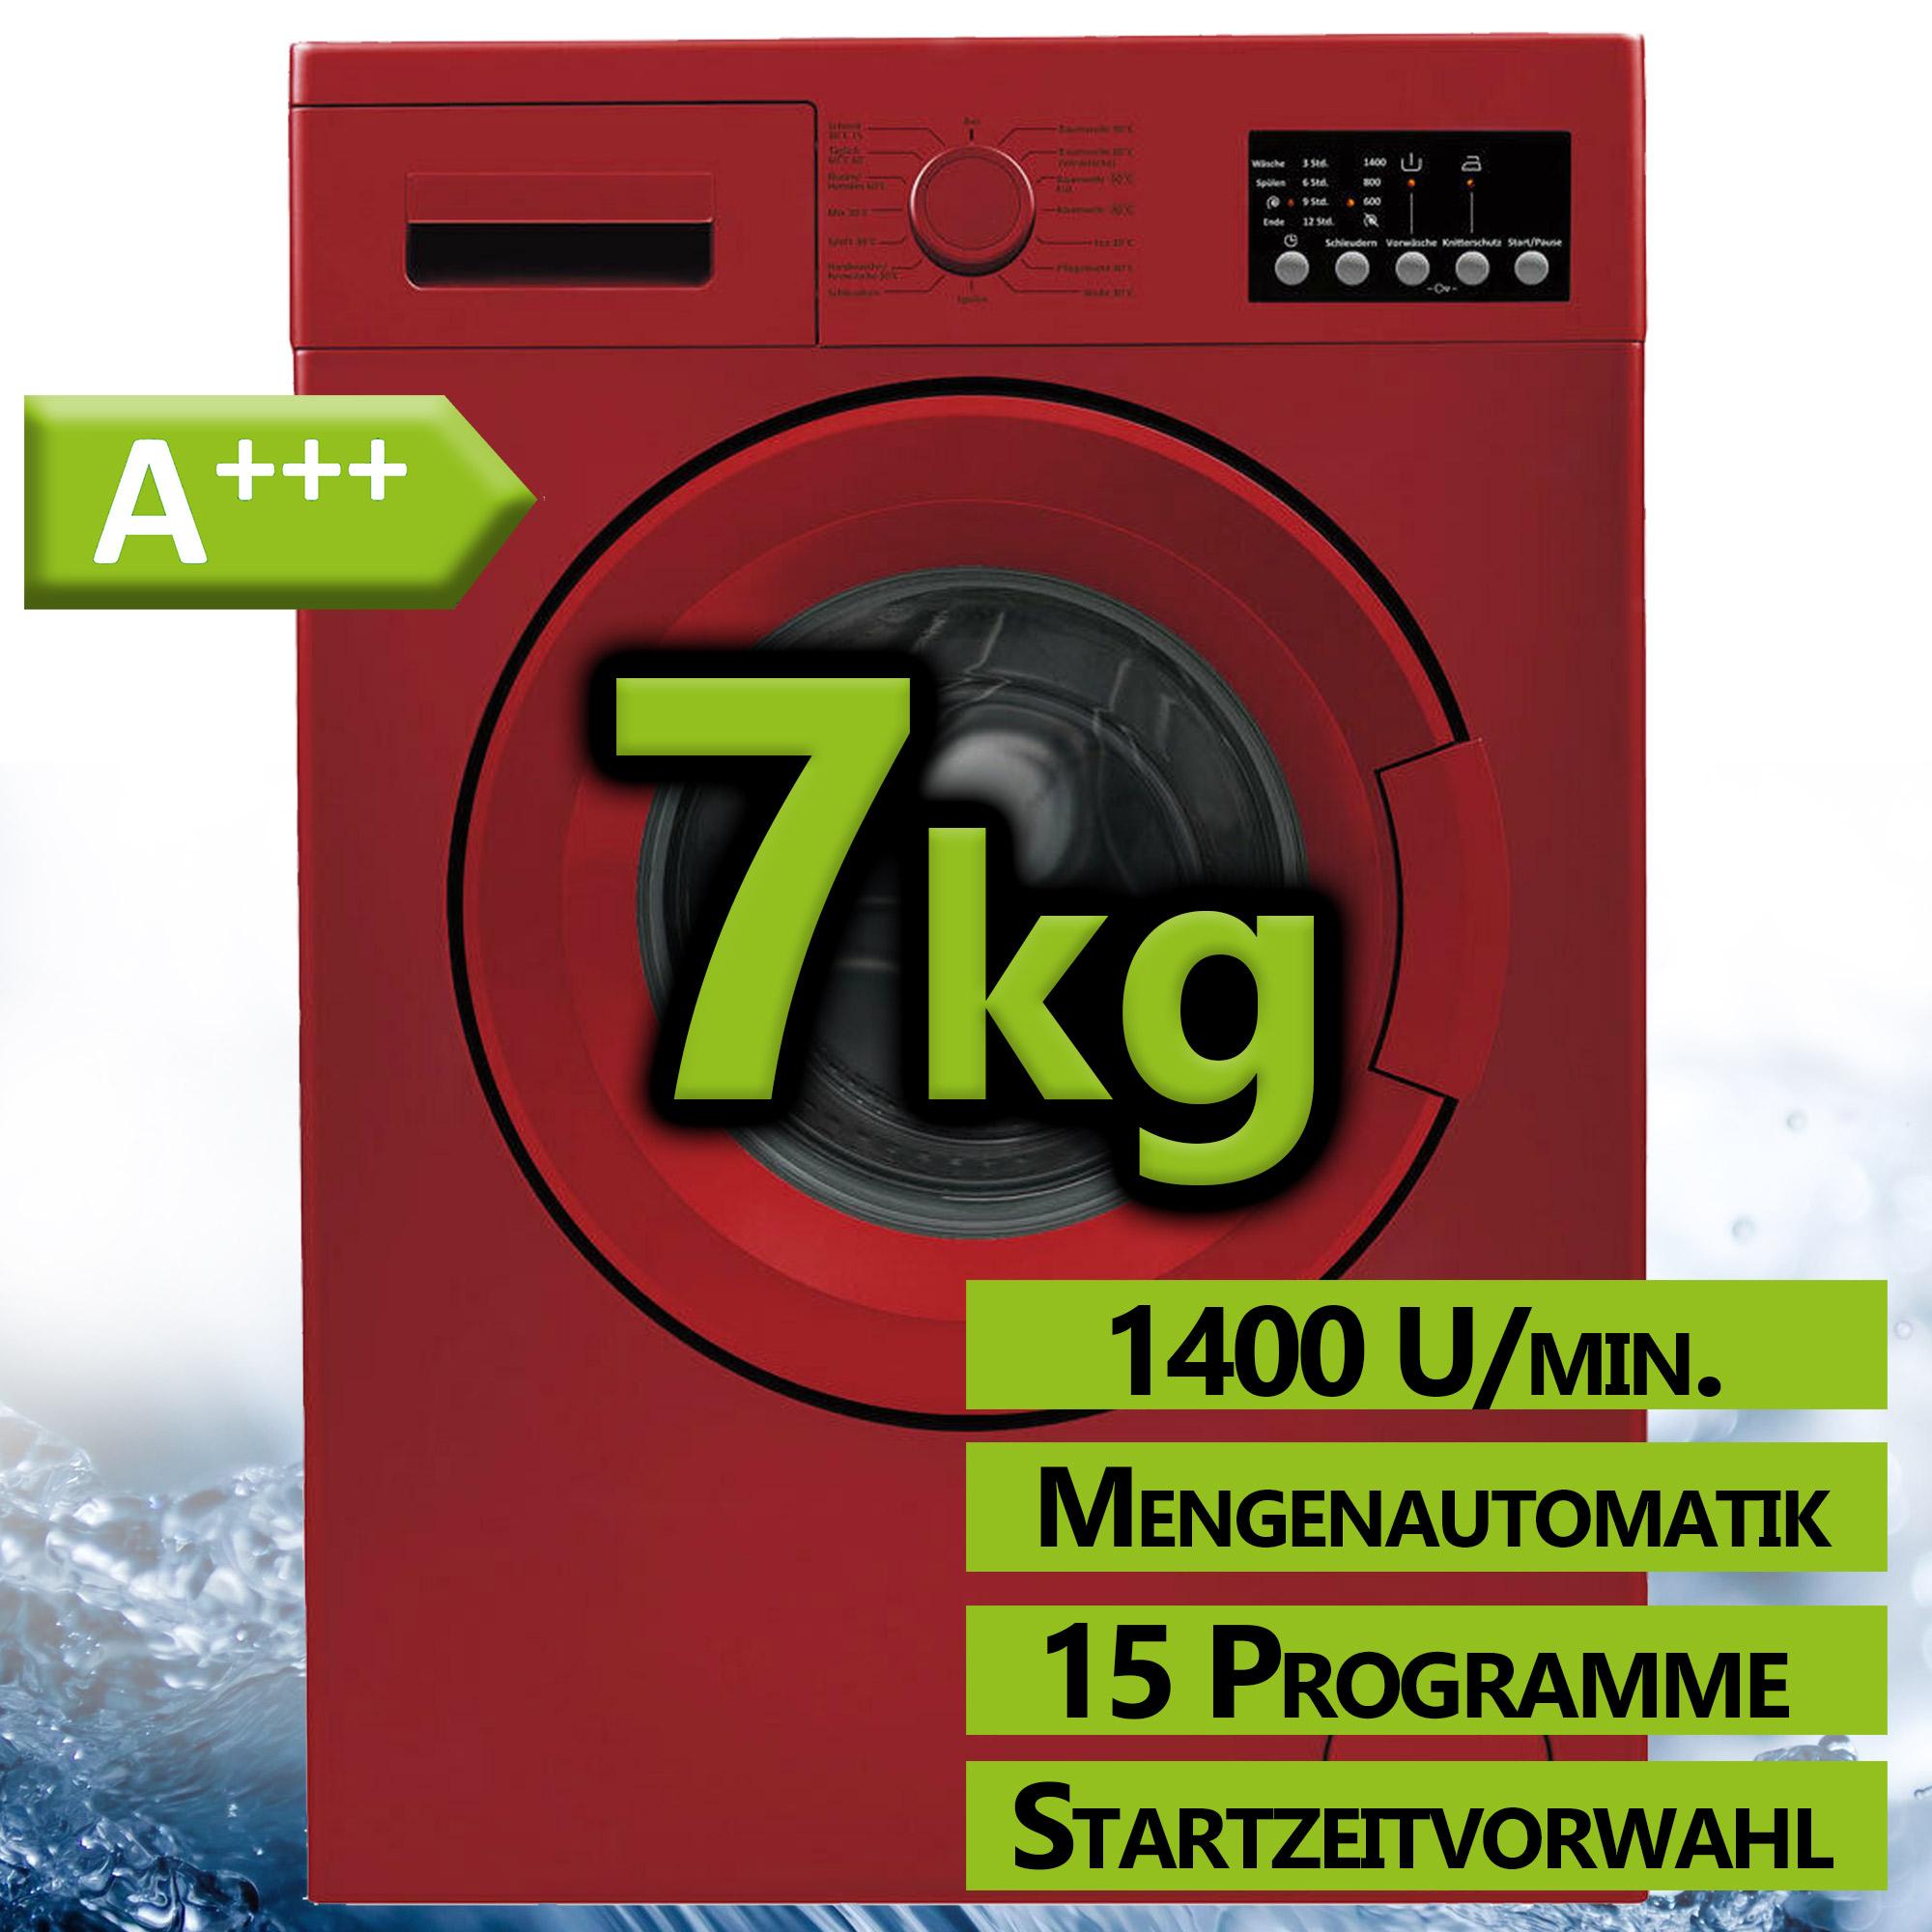 1x Pfostendeckel Pfostenkappe Zaunfelder Gitterzaun Bestpreis 120x120mm H=170mm